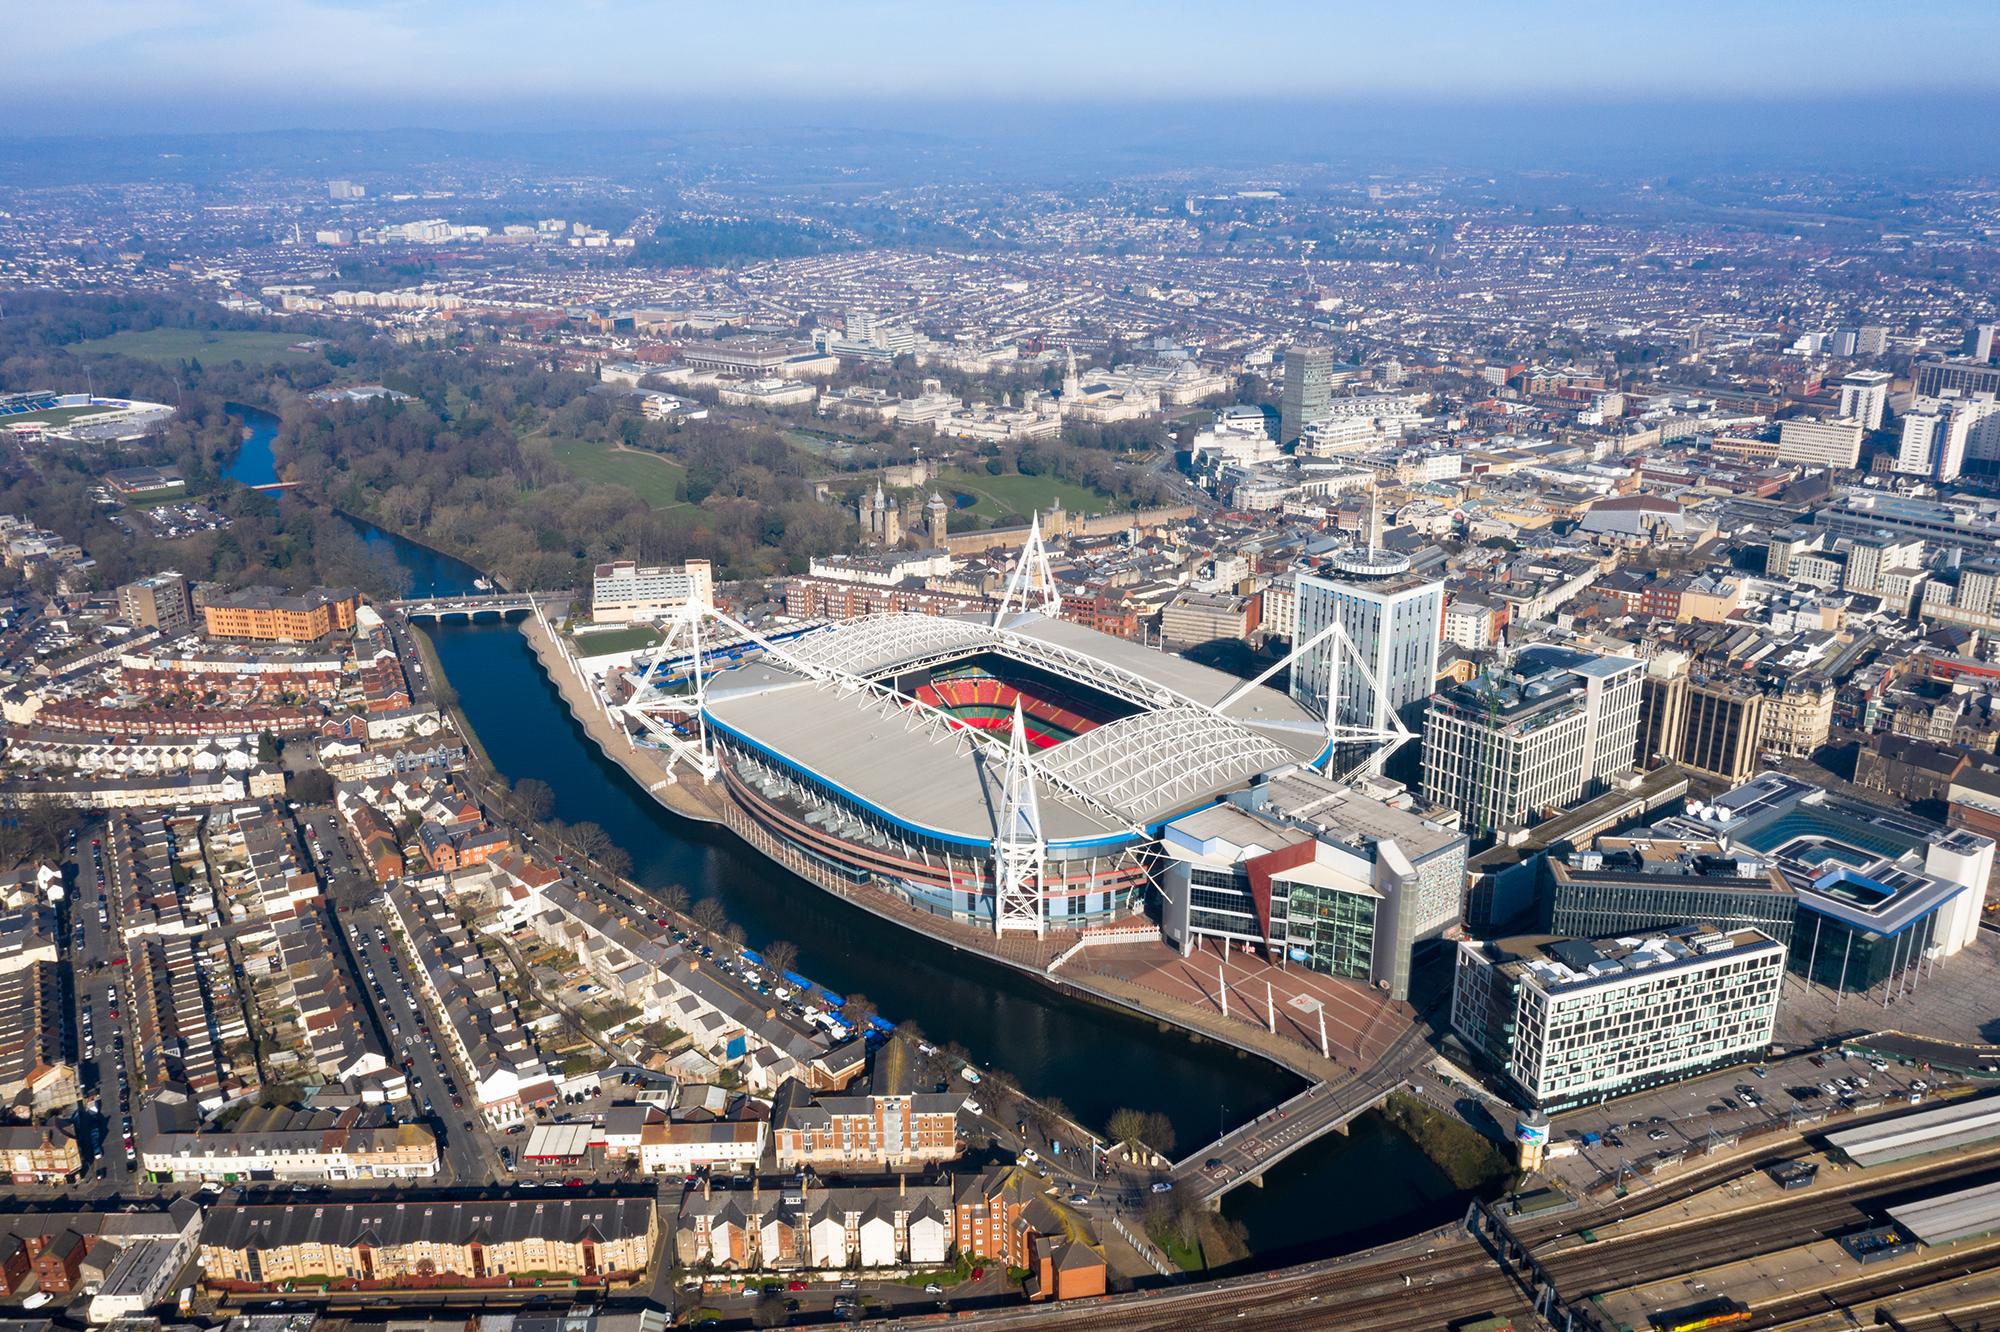 stadium aerial shot